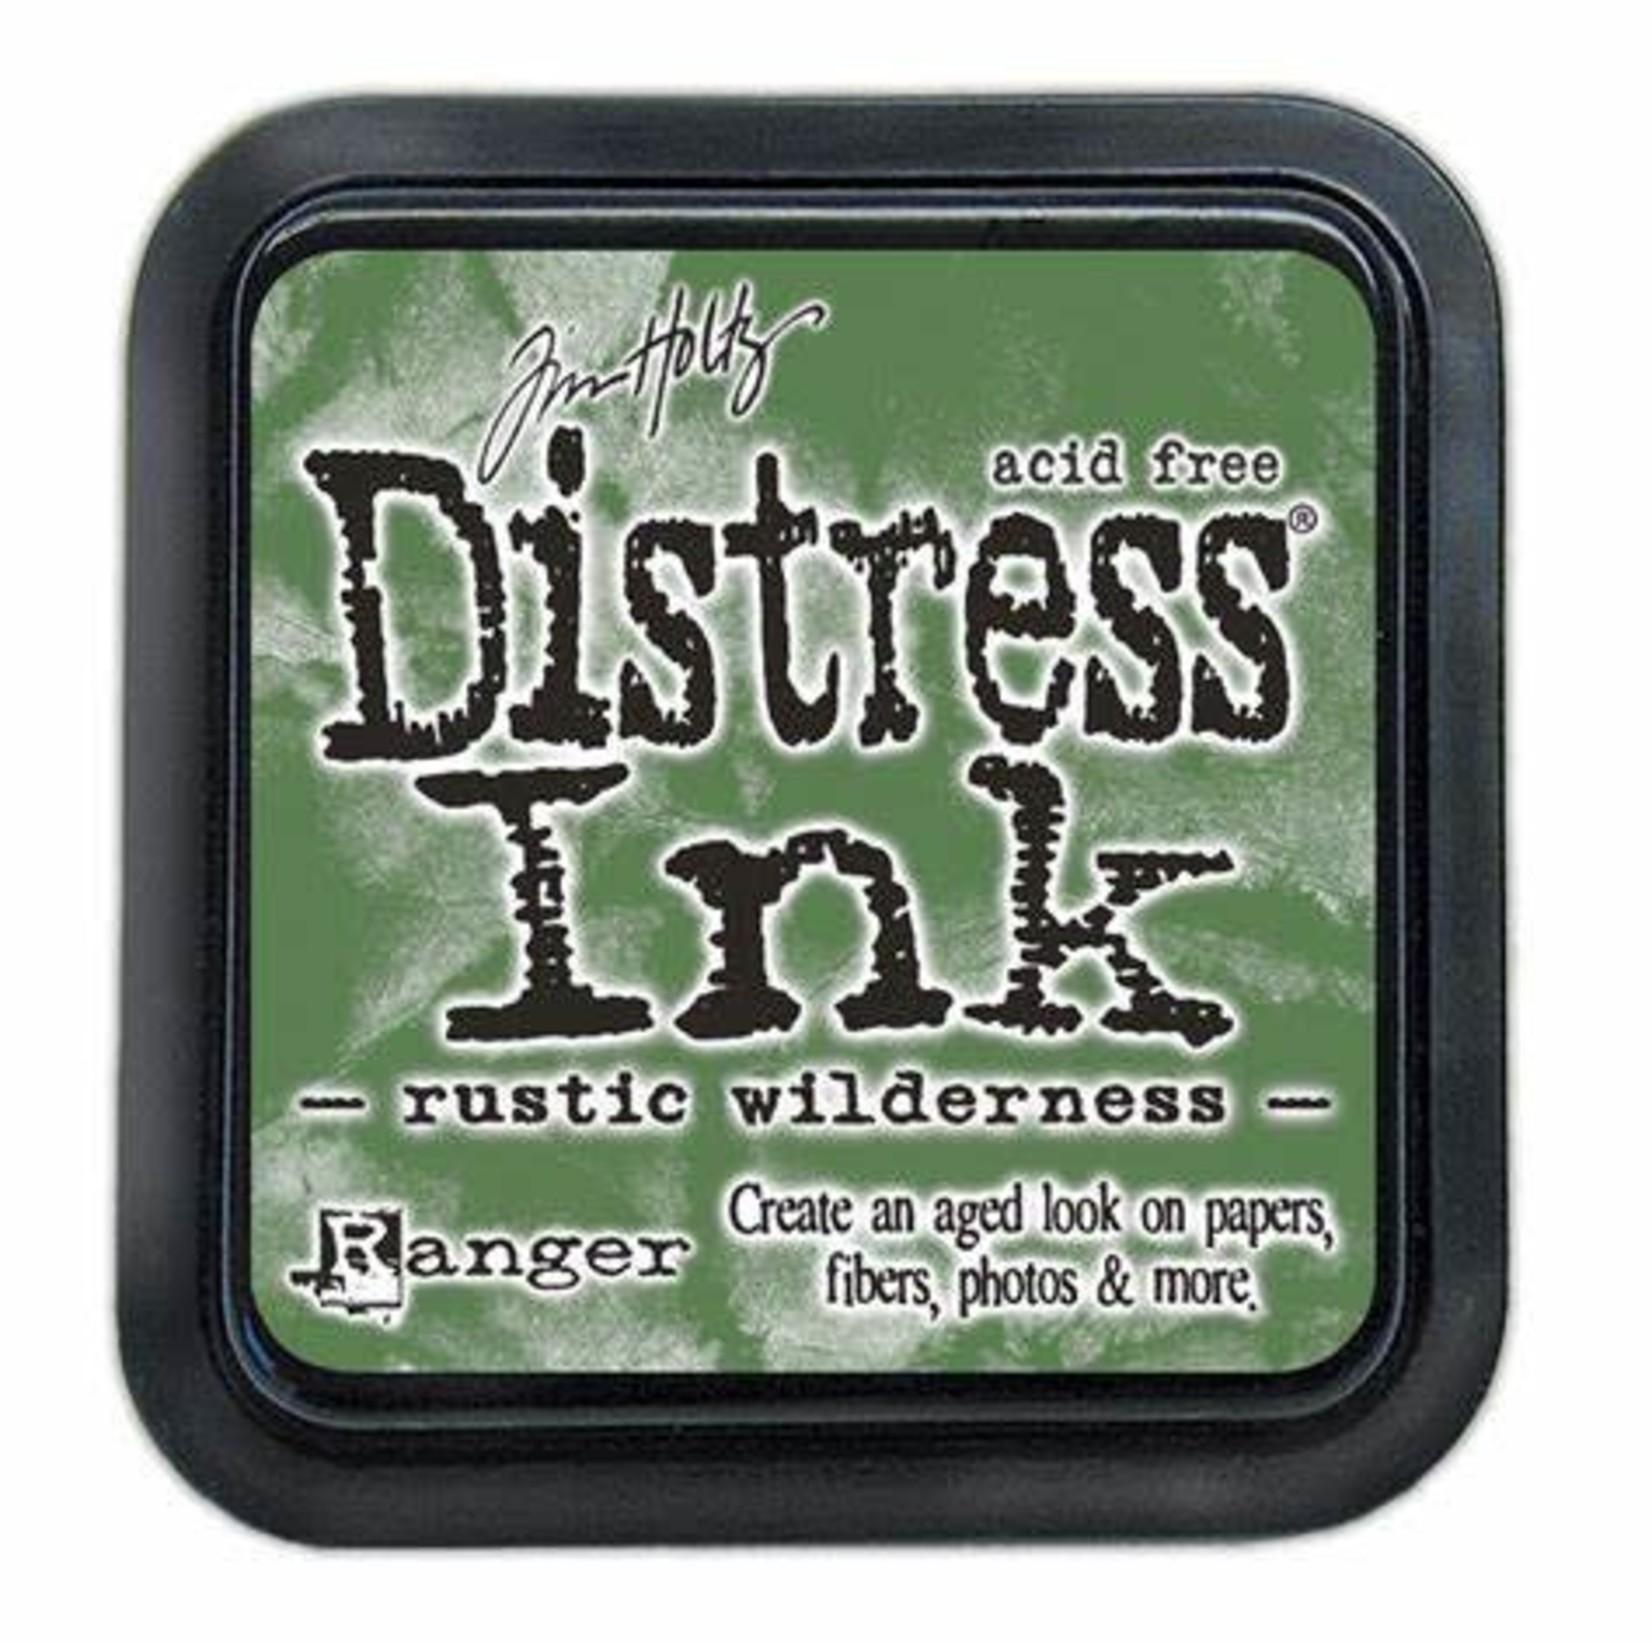 Tim Holtz Tim Holtz Distress Ink Pad Rustic Wilderness